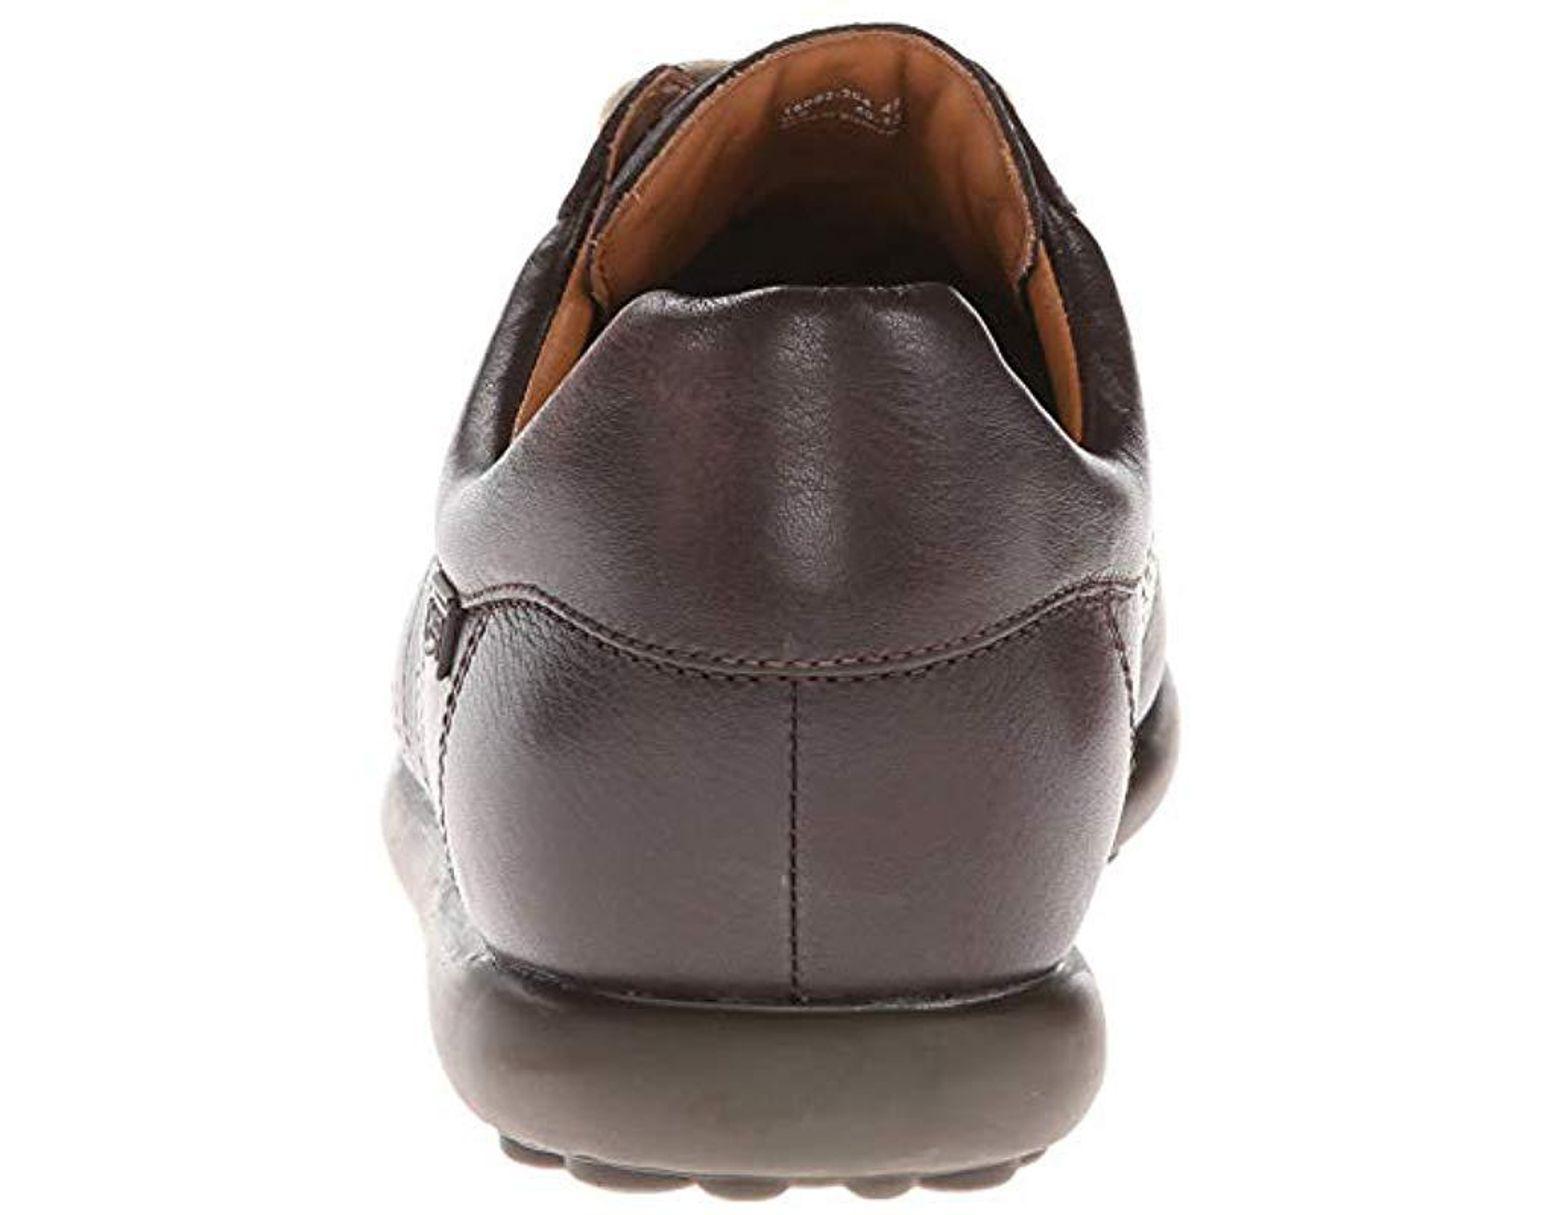 16002 Men For Brown Ariel Camper Sneaker Pelotas cF1lJK